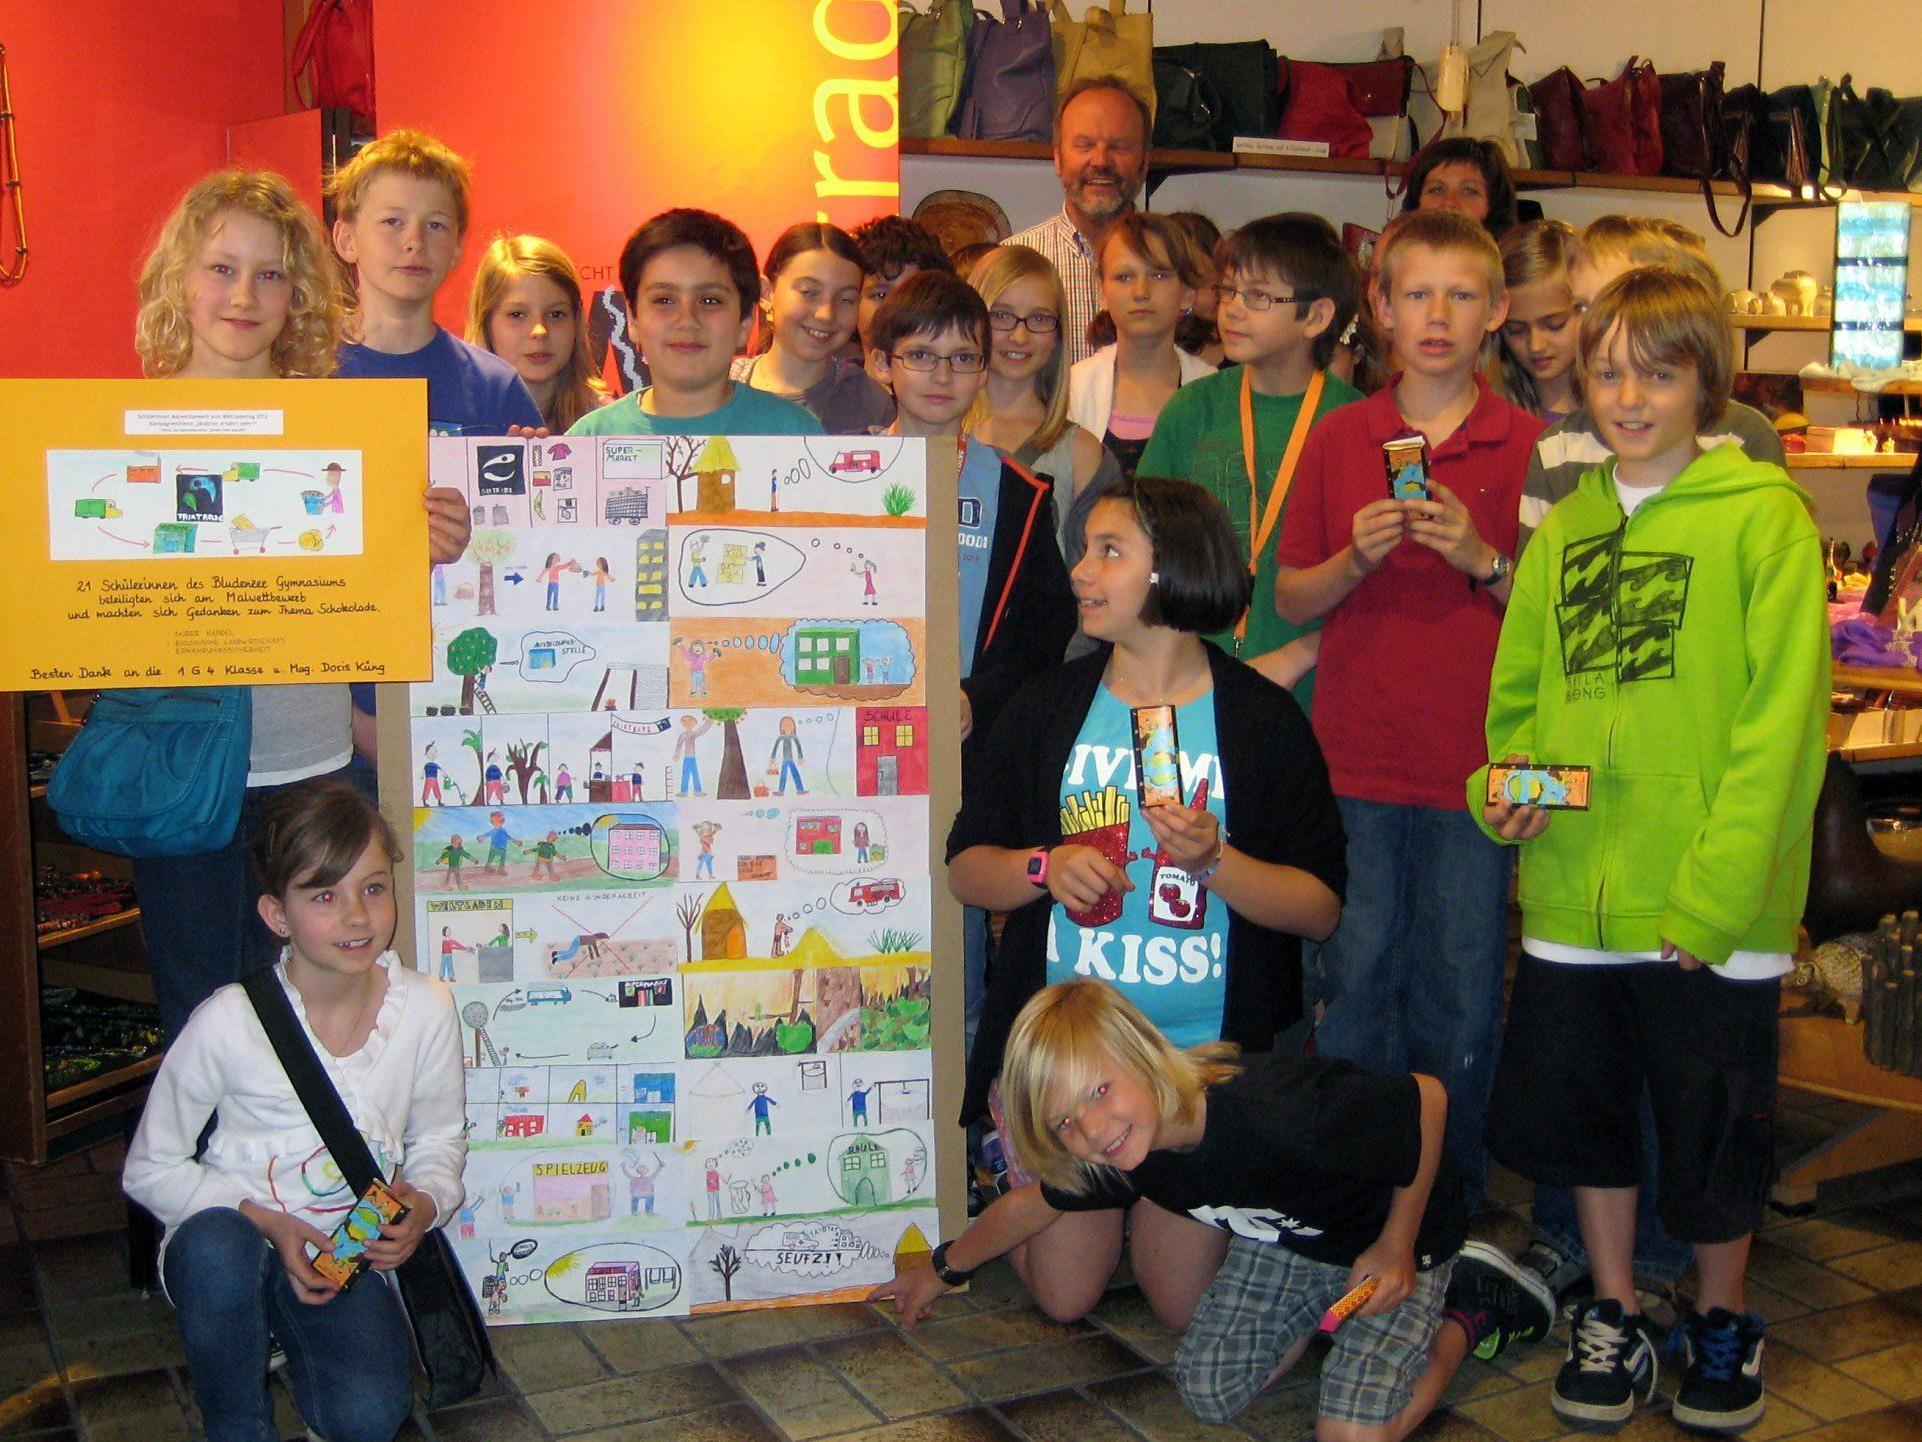 Die Schüler und Schülerinnen der Klasse 1G4 erkundeten bei der Preisverteilung den Weltladen Bludenz.